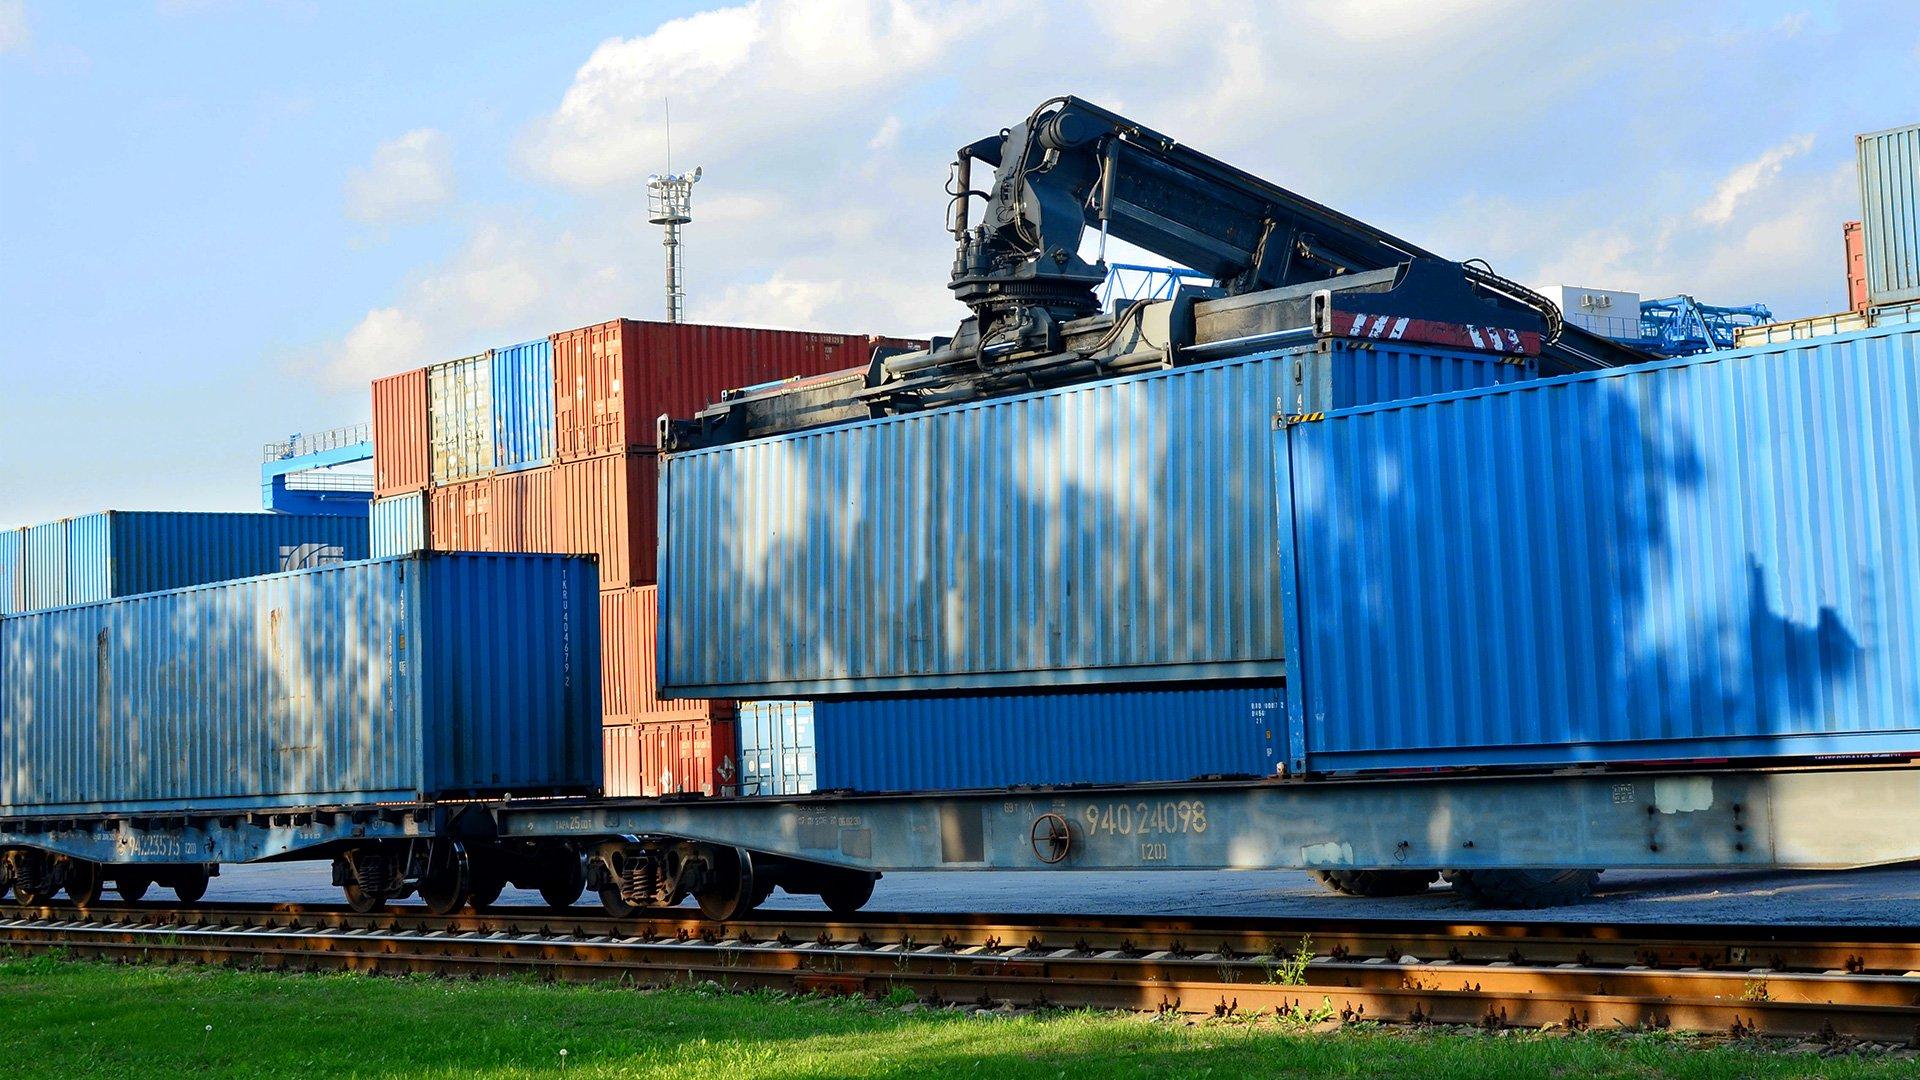 Verladung eines Schiffscontainers auf einen Güterwagen